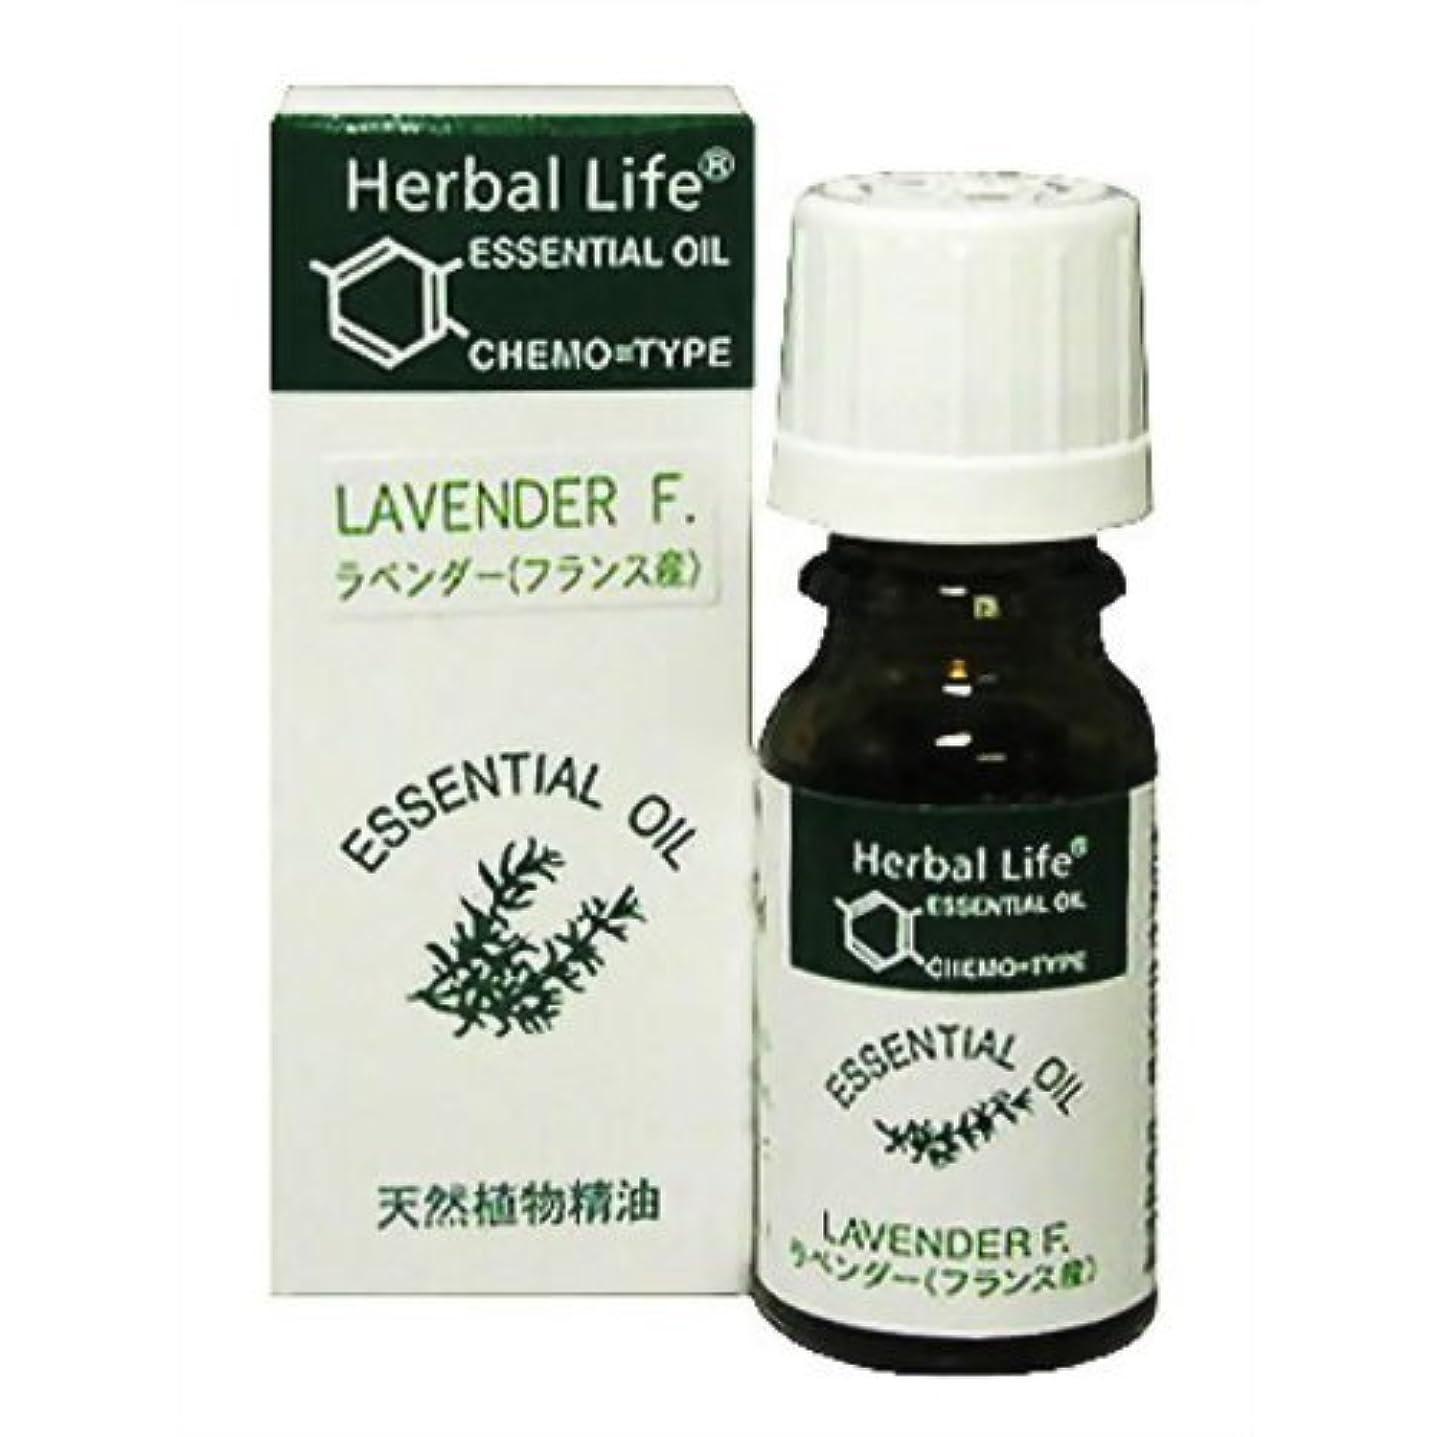 失速伝導寝具Herbal Life ラベンダー 10ml